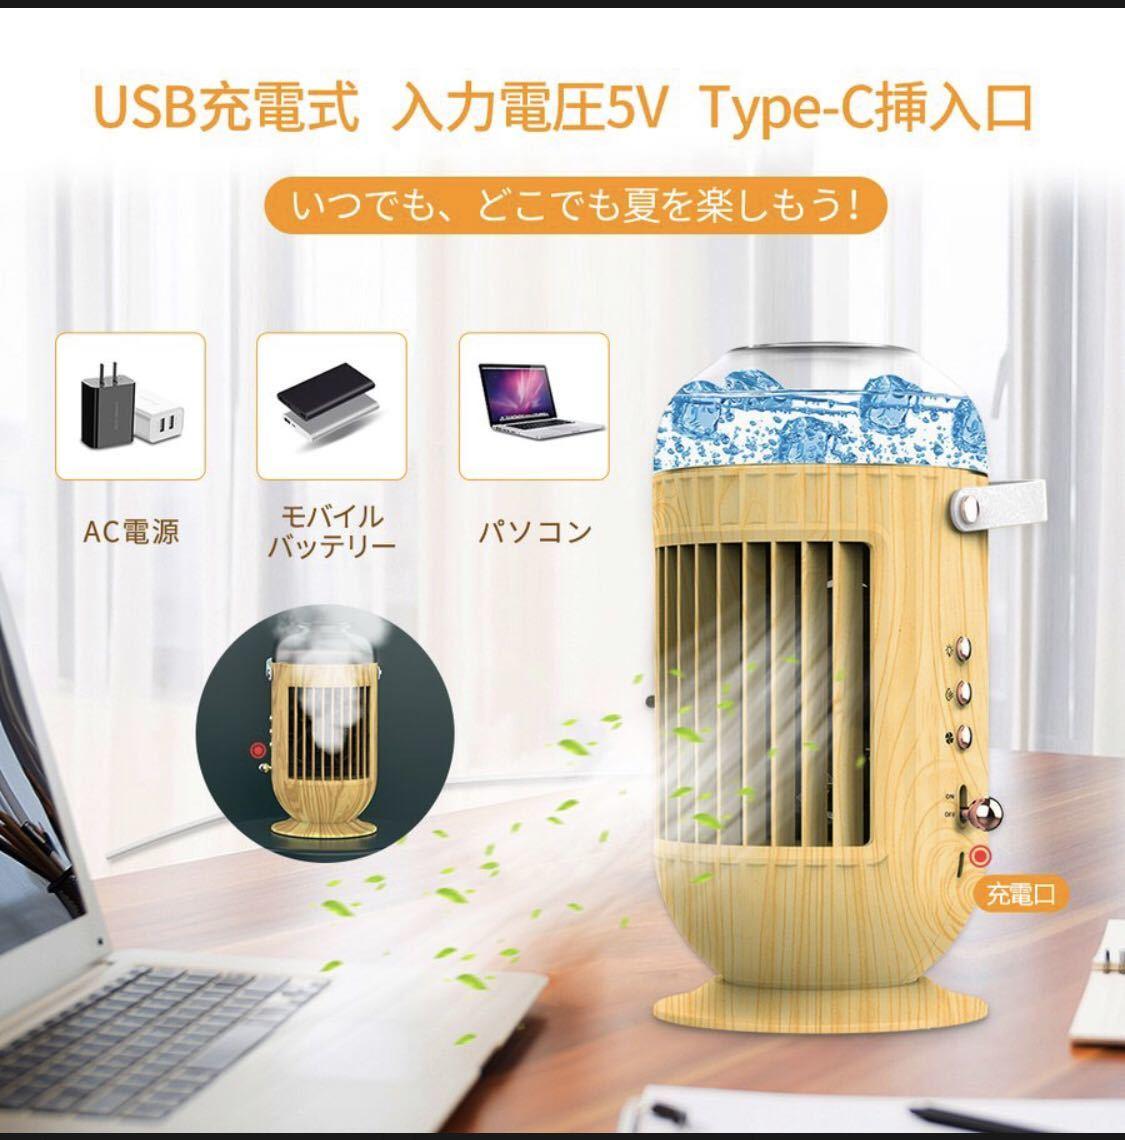 冷風扇 リモコン ミスト 卓上 冷風機 USB給電 扇風機 冷却 加湿 空気浄化 1台多役 3段階風量 多色LEDライト アロマ対応 ホワイト_画像10